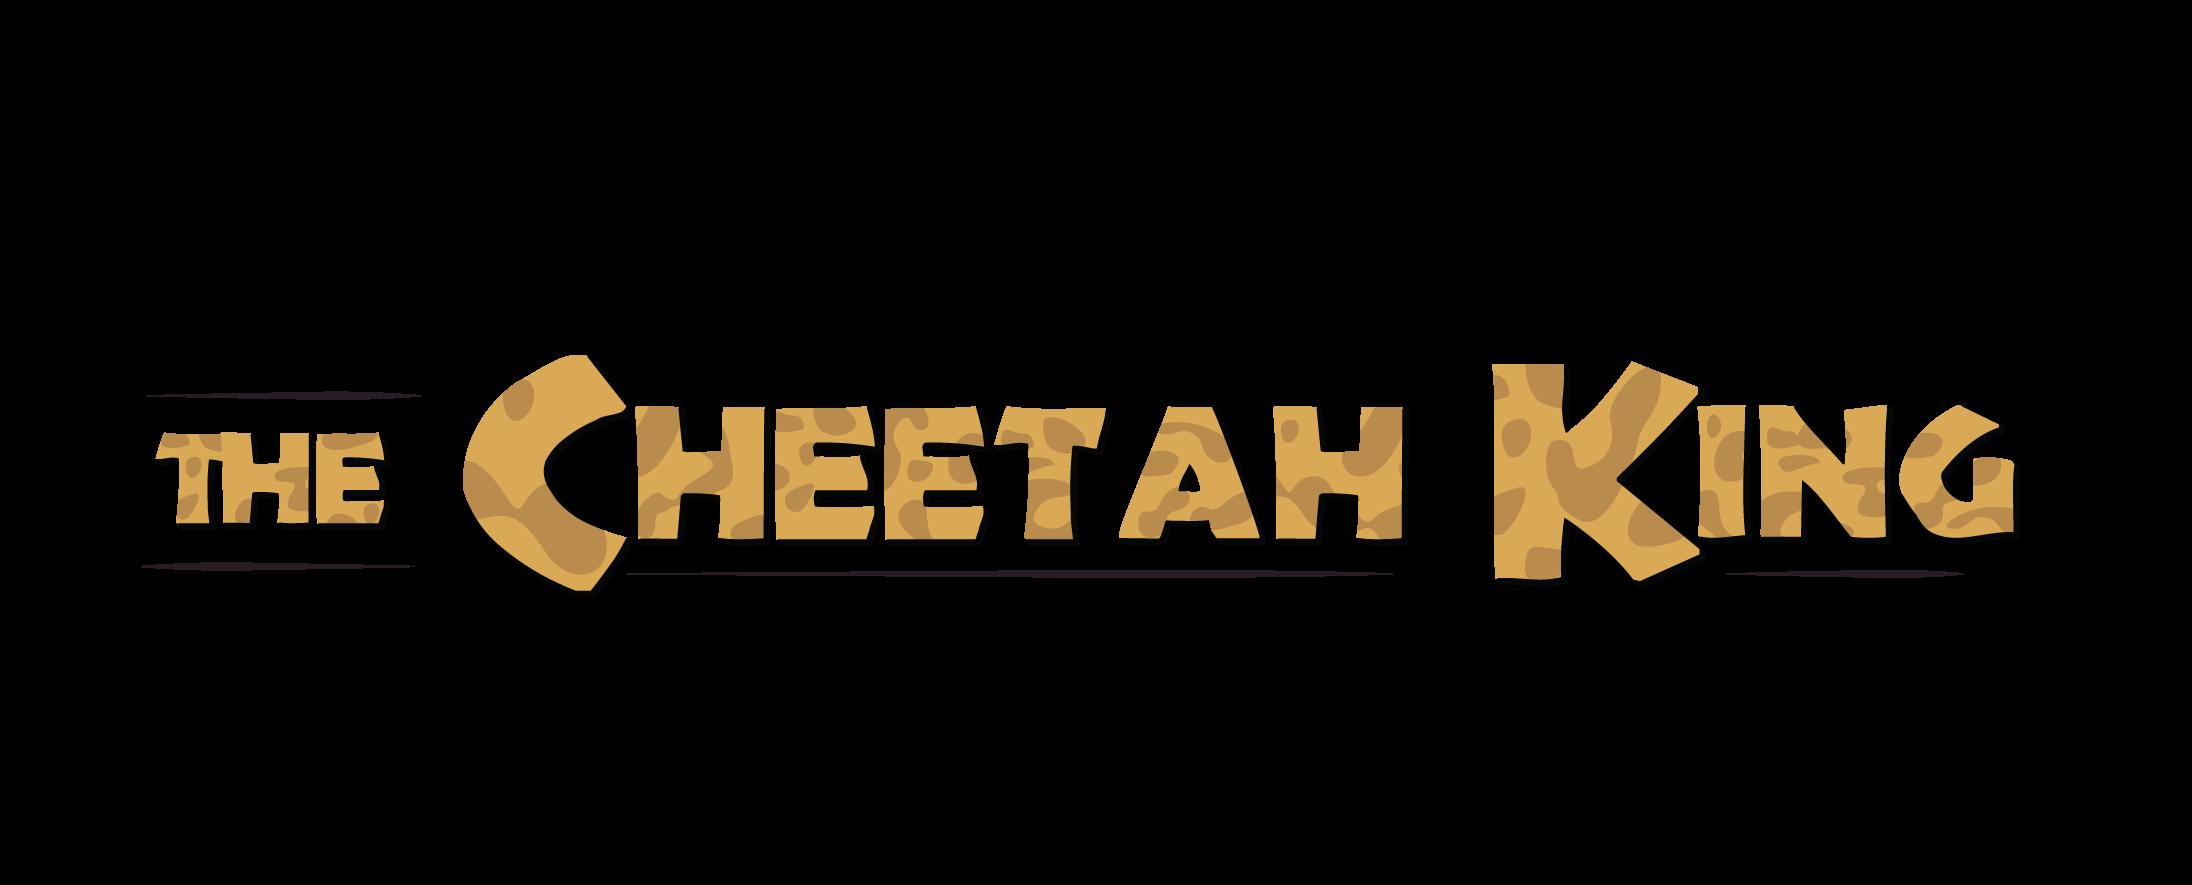 Cheetah-text-06.png